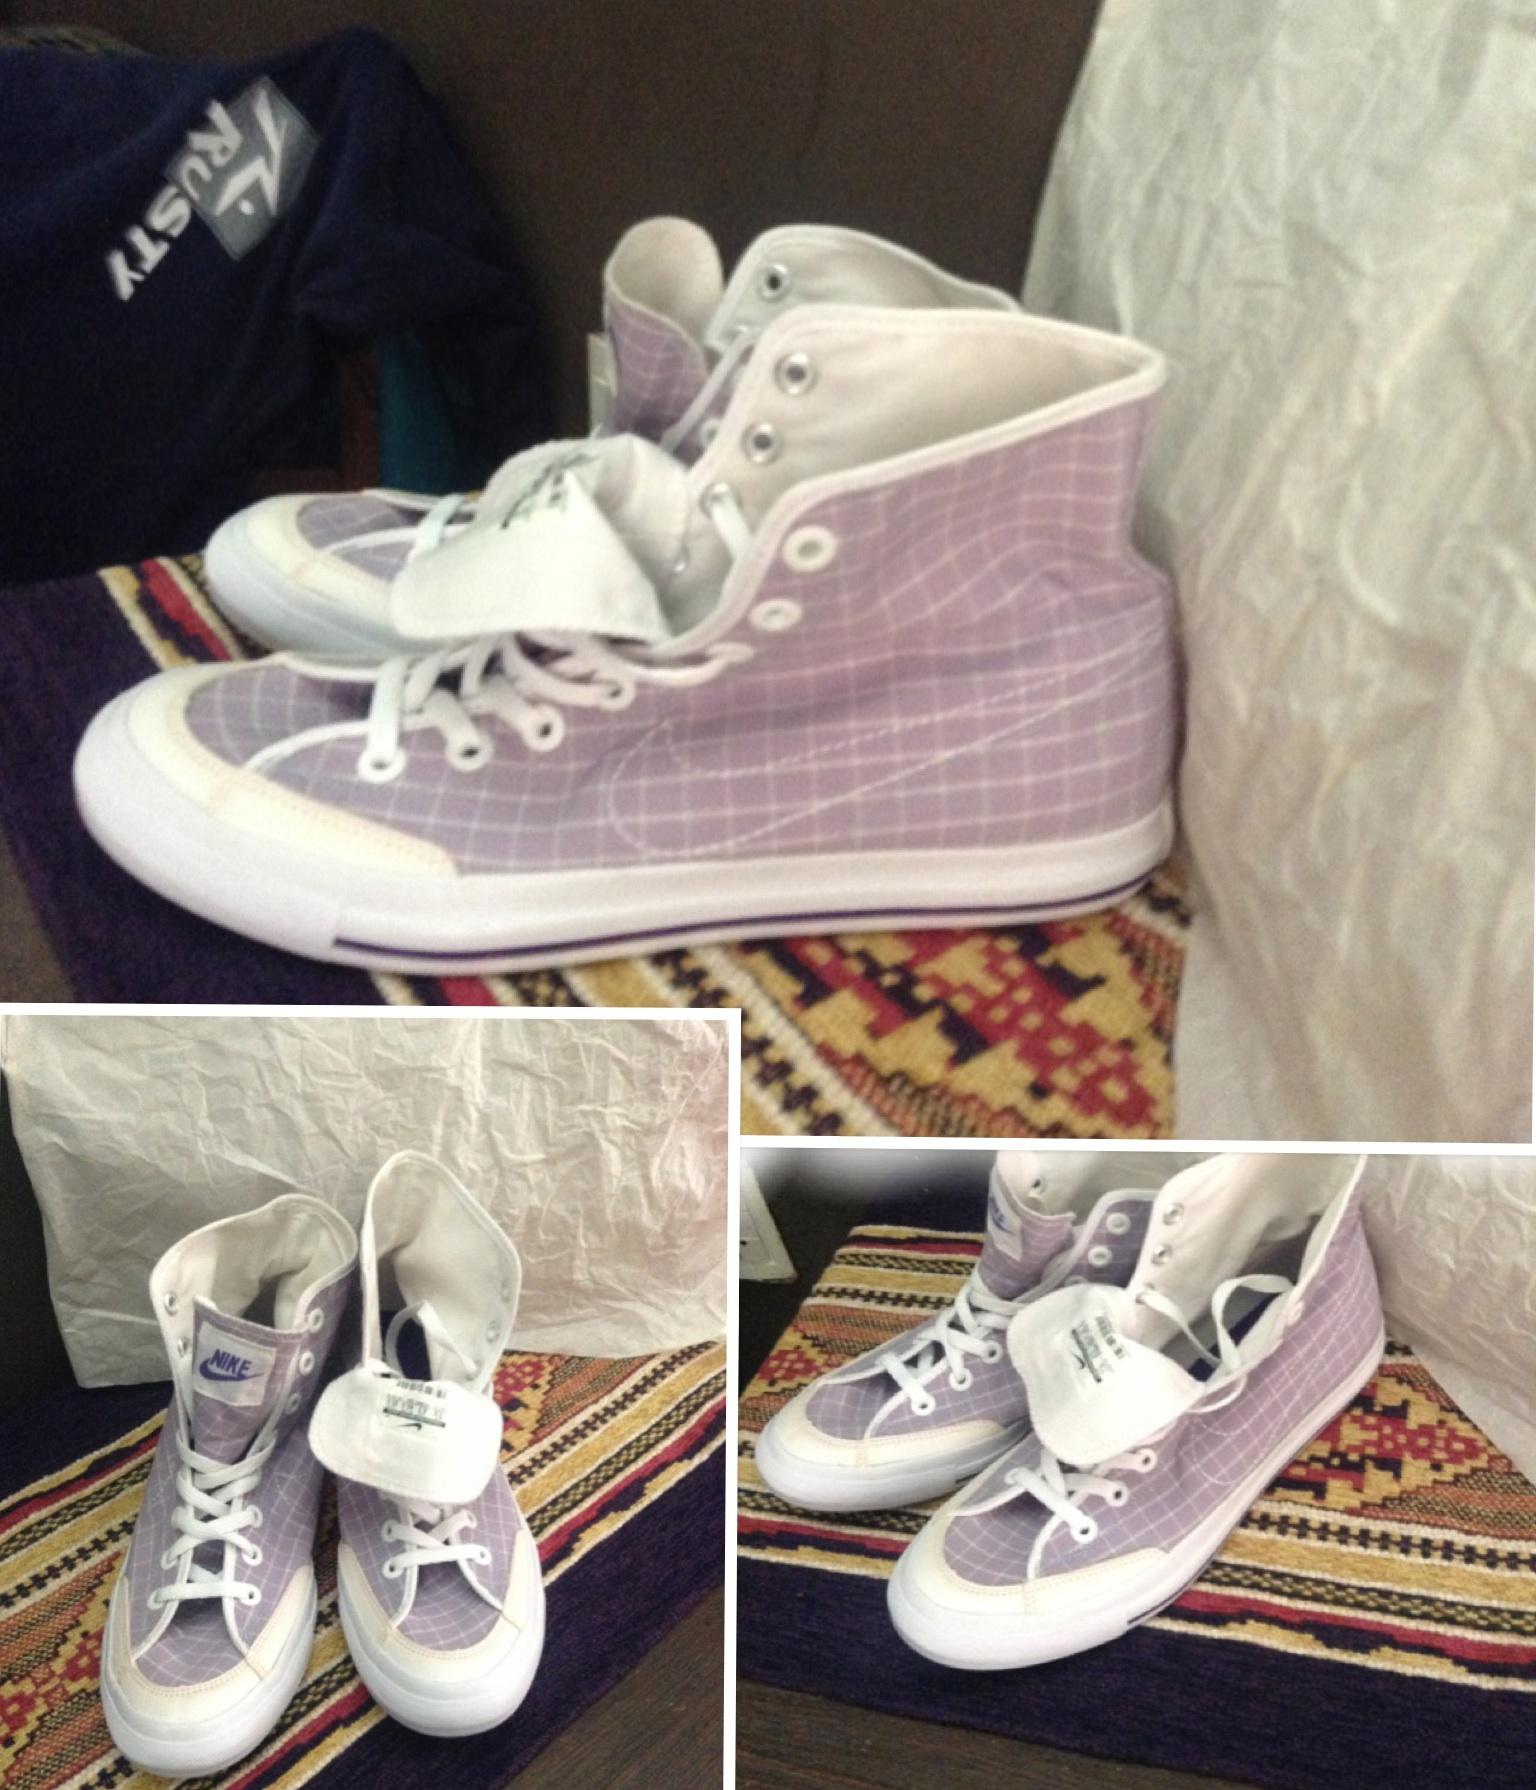 Zapatillas Nike originales femeninas sin uso N*38. Interesado comunicarse por privado.